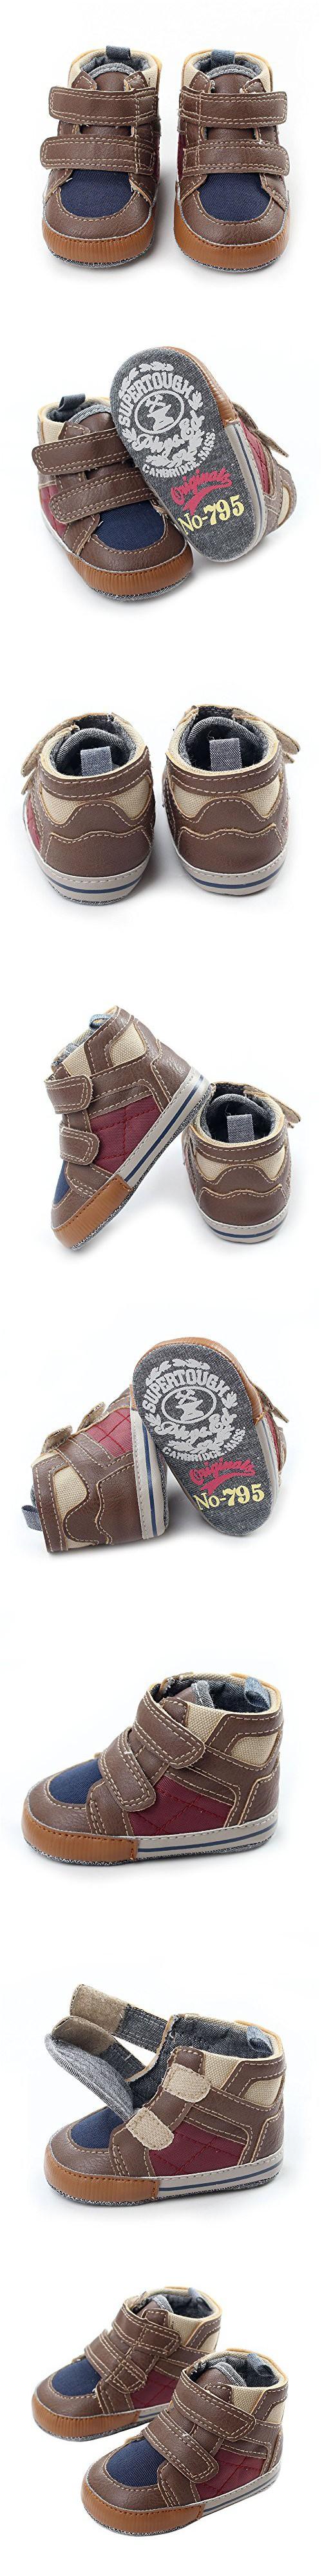 Infant Baby Boys Soft Sole Velcro Crib Sneaker Shoes Slip On Toddler Prewalker